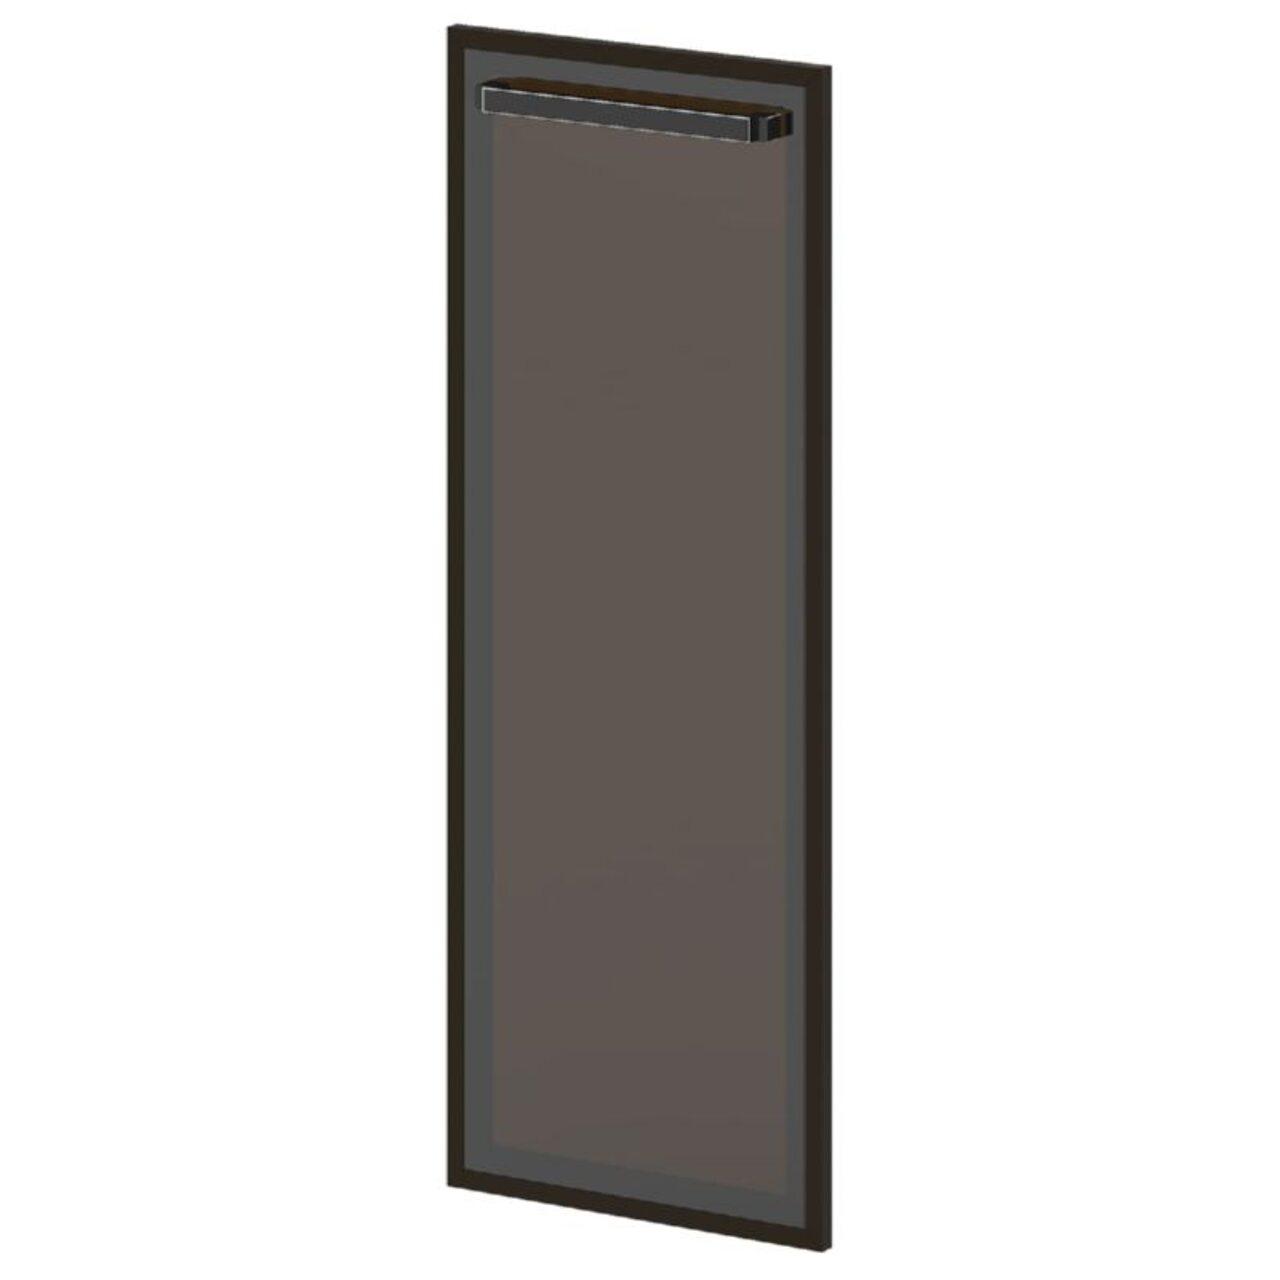 Дверь средняя для стеллажей L-65, L-66, L-67  GRACE 2x45x119 - фото 1